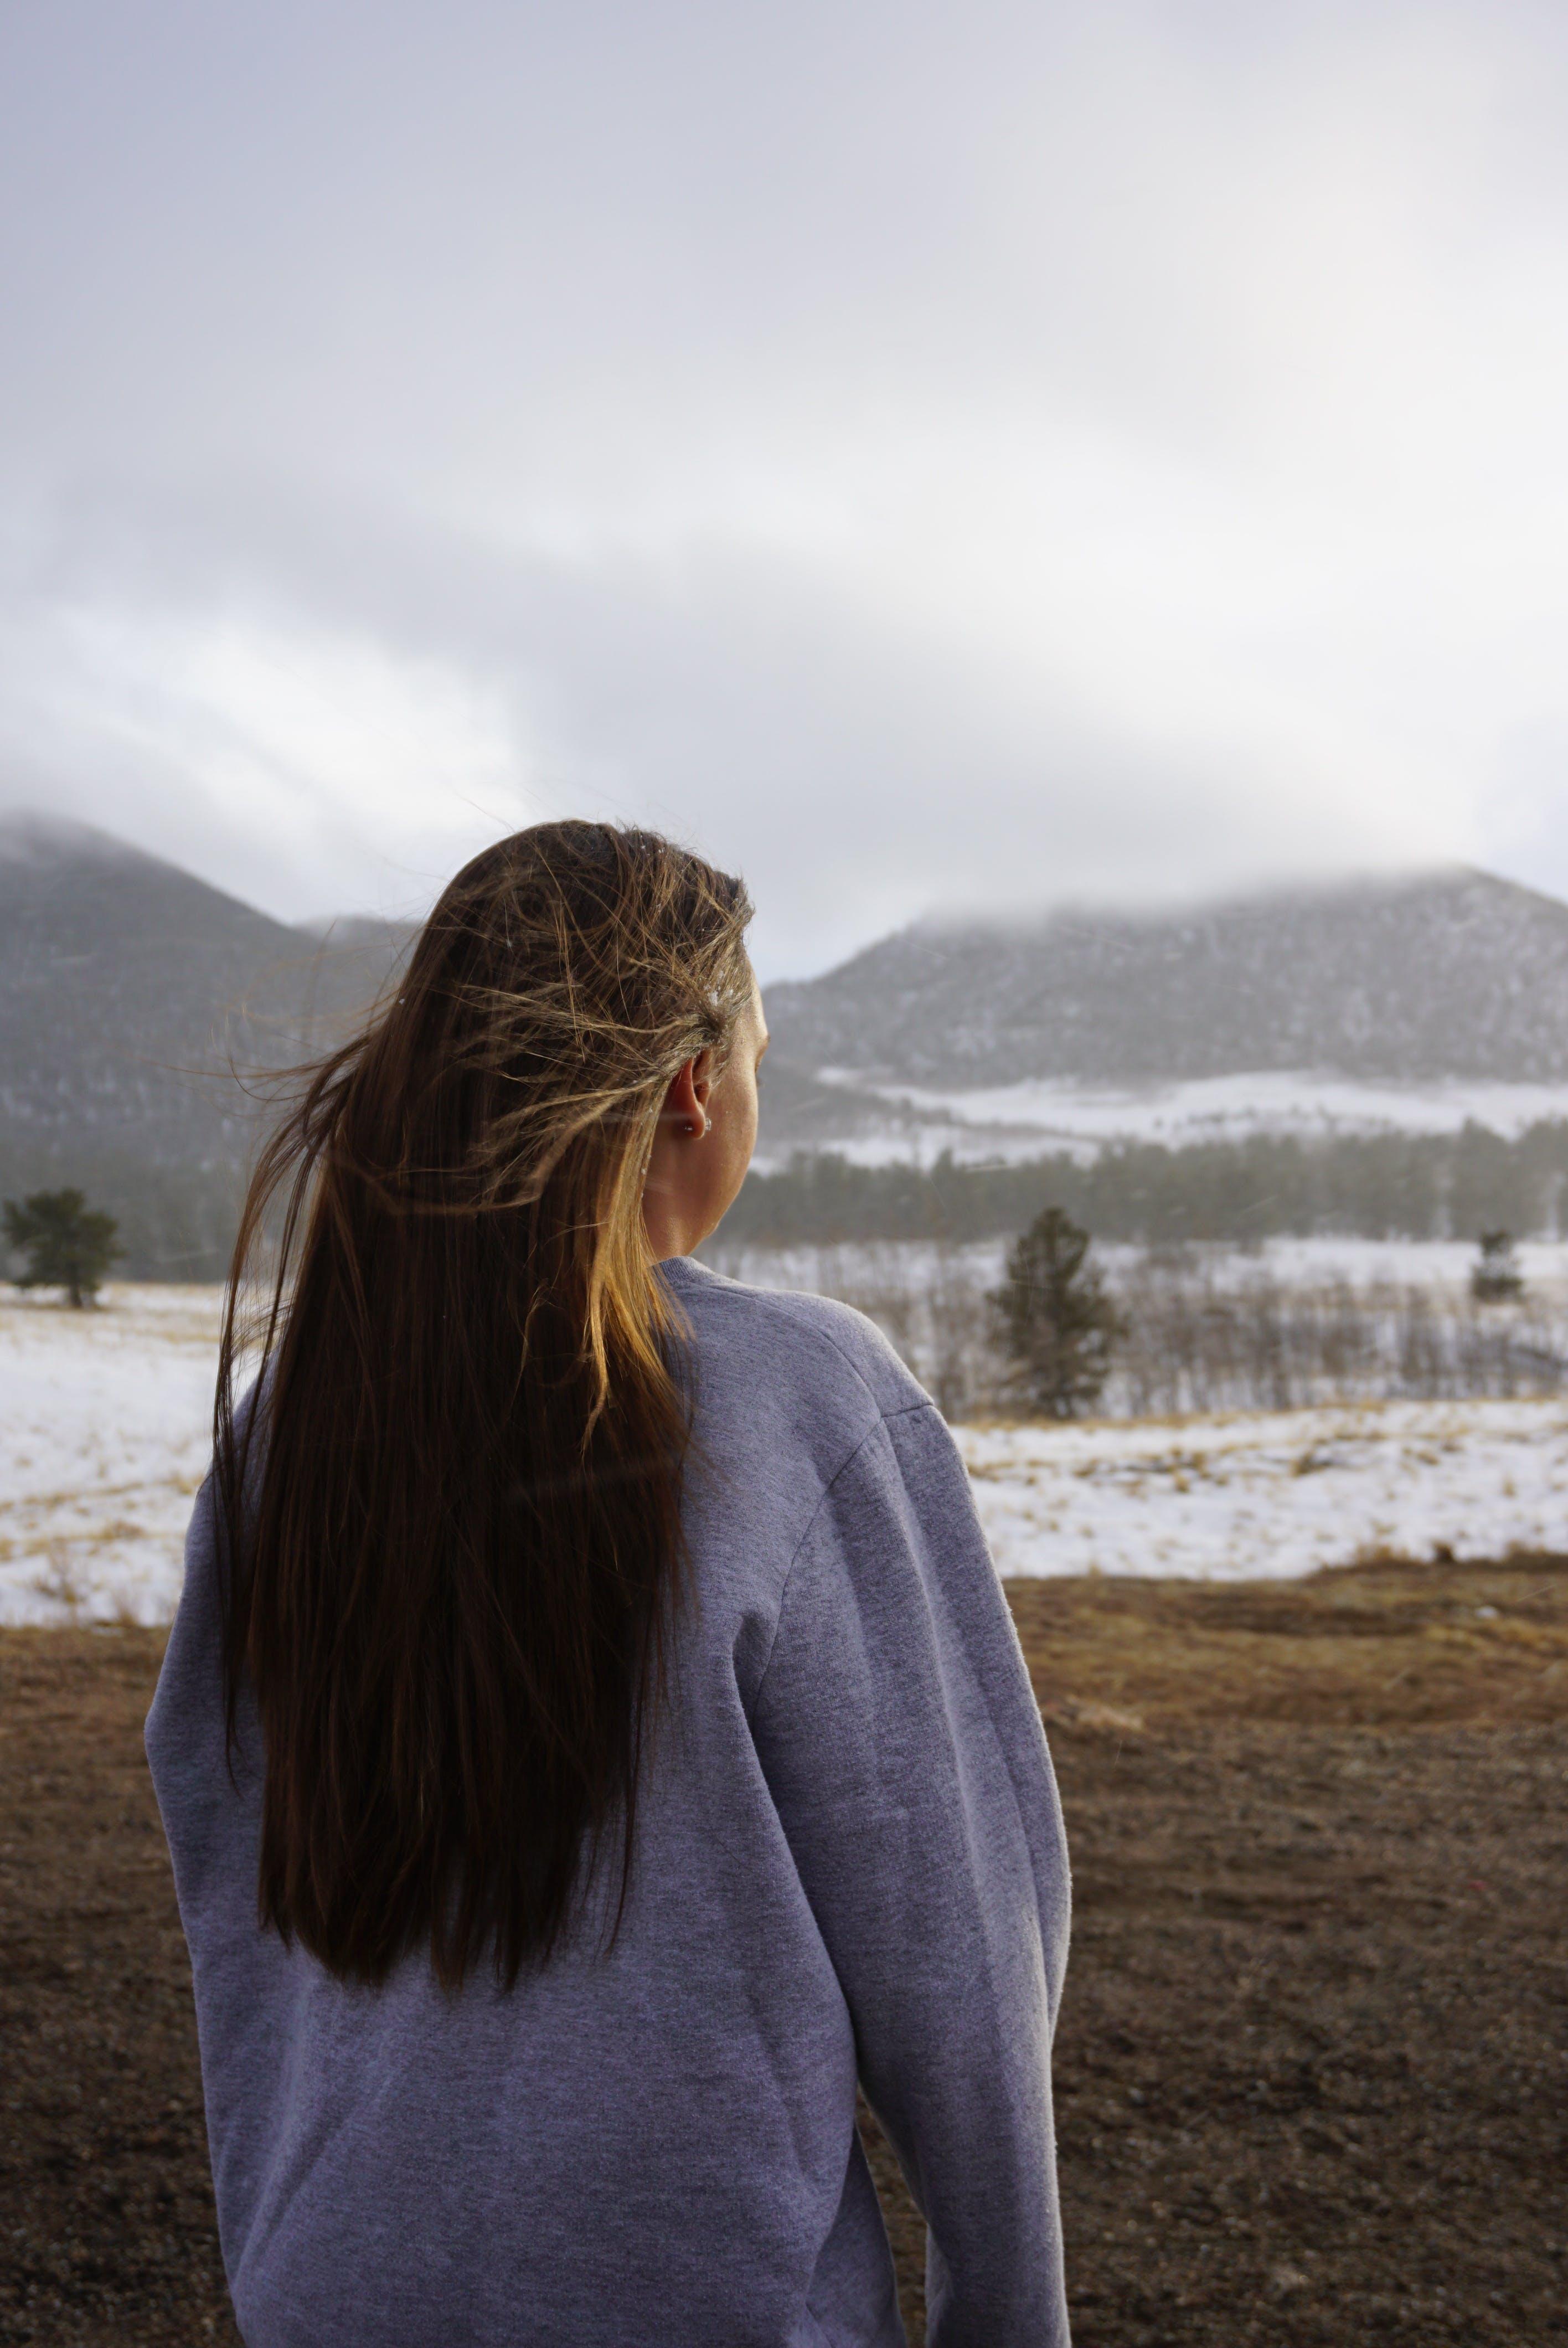 Woman in Gray Sweatshirt Standing on Grass Field